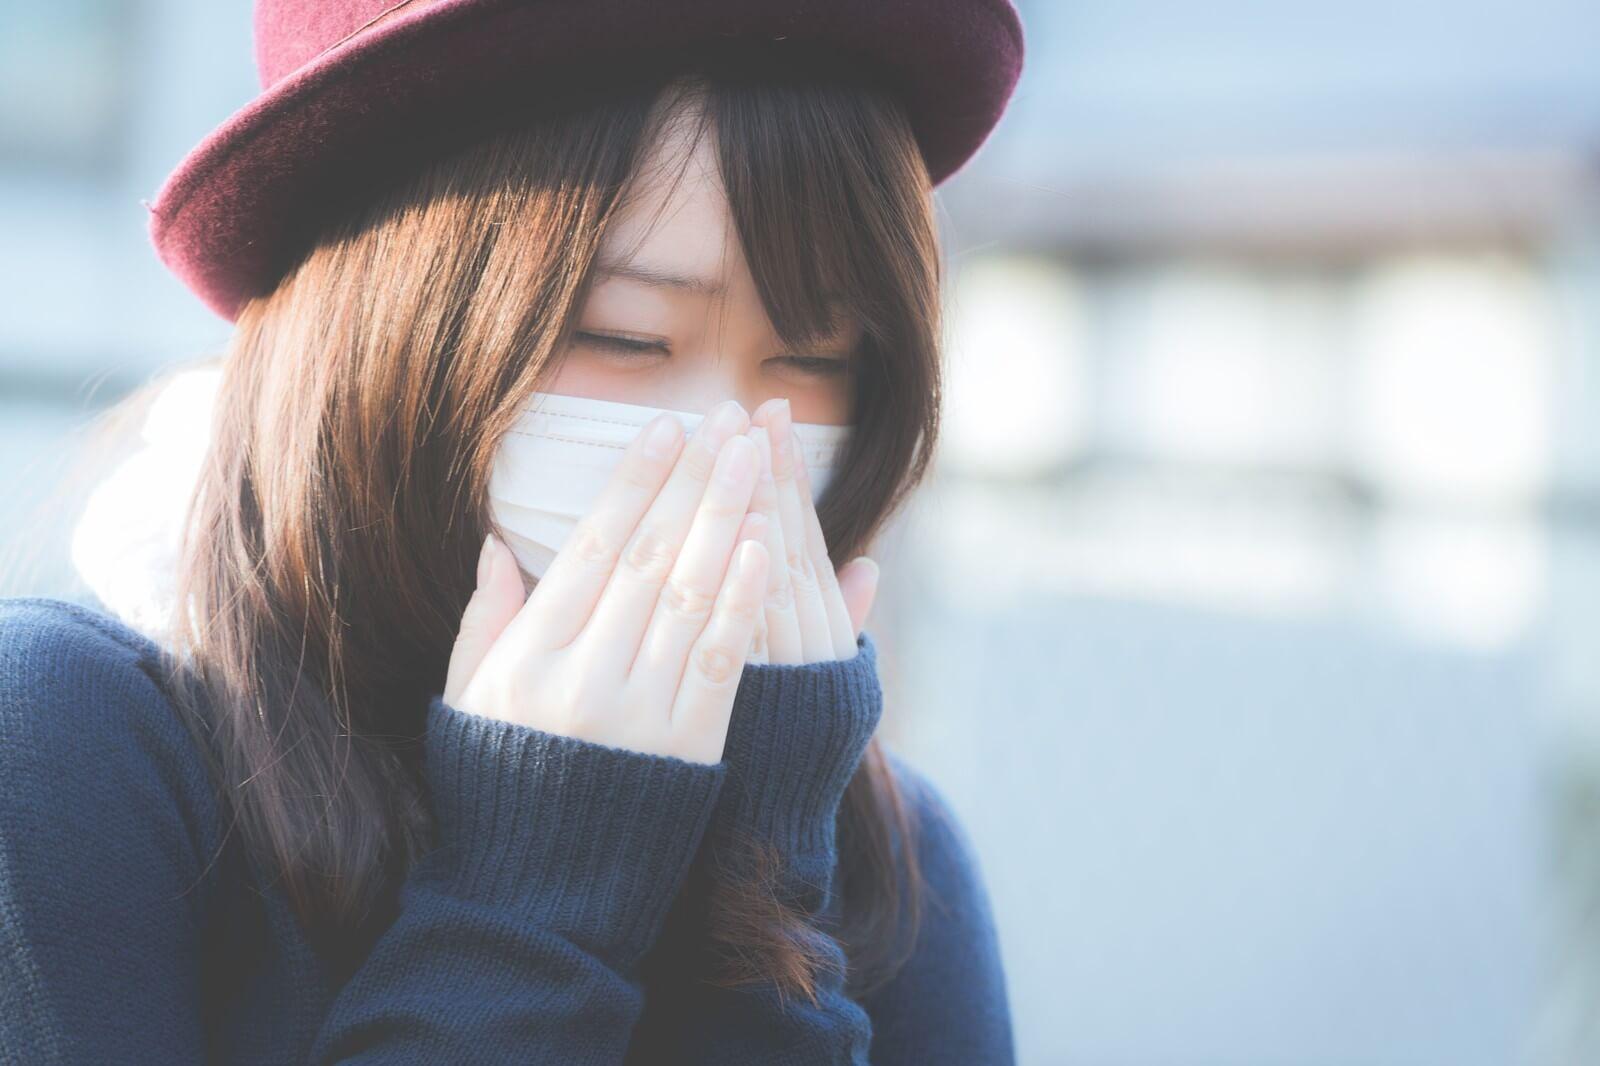 【新型コロナウイルス】 体調がおかしいと思った時どうすればいいの?